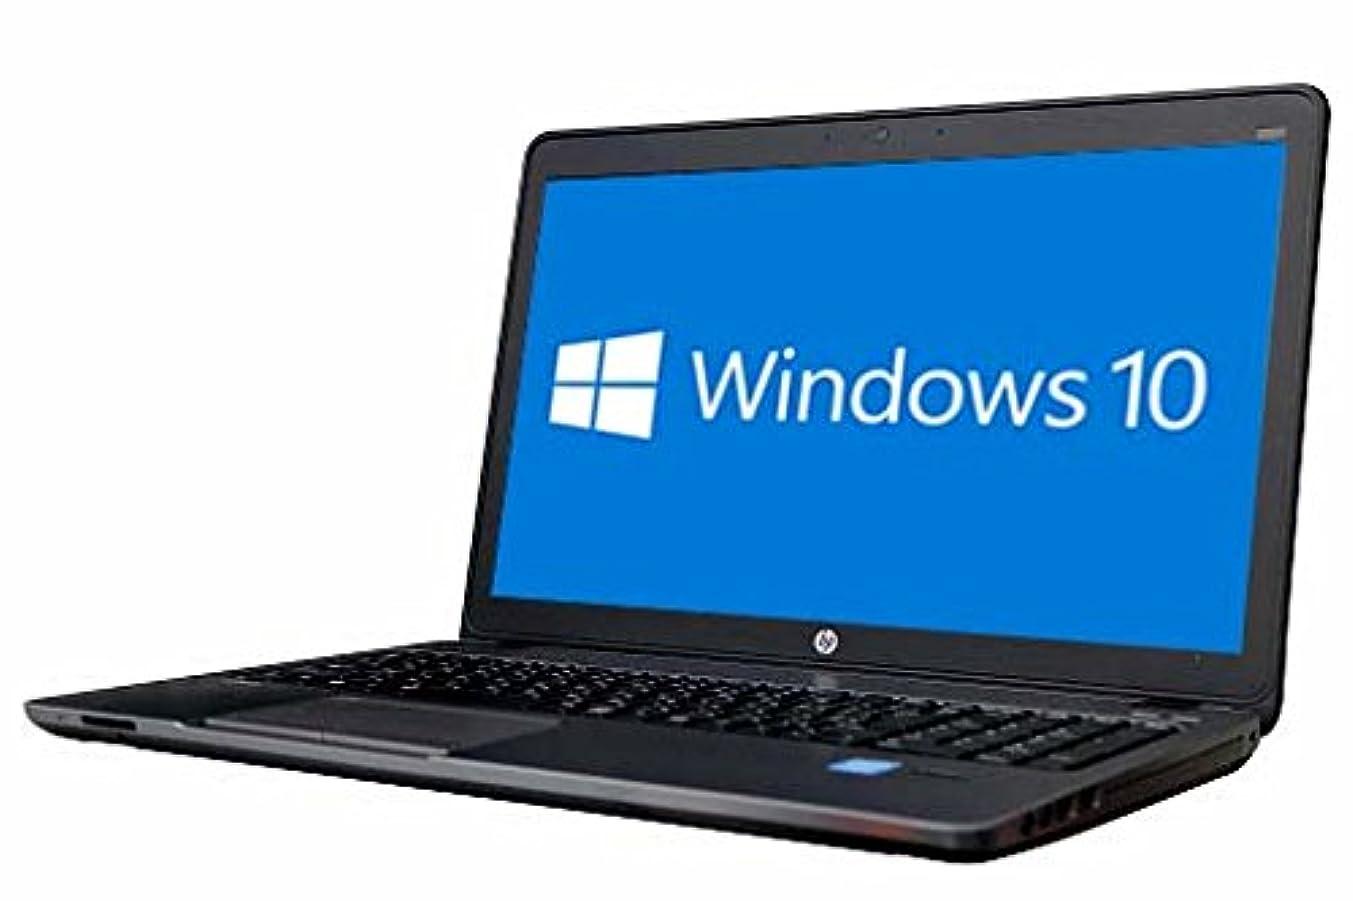 ポーンクールギャップ中古 HP ノートパソコン ProBook 450 G1 Windows10 64bit搭載 HDMI端子搭載 テンキー付 Core i3-4000M搭載 メモリー8GB搭載 HDD500GB搭載 DVDマルチ搭載